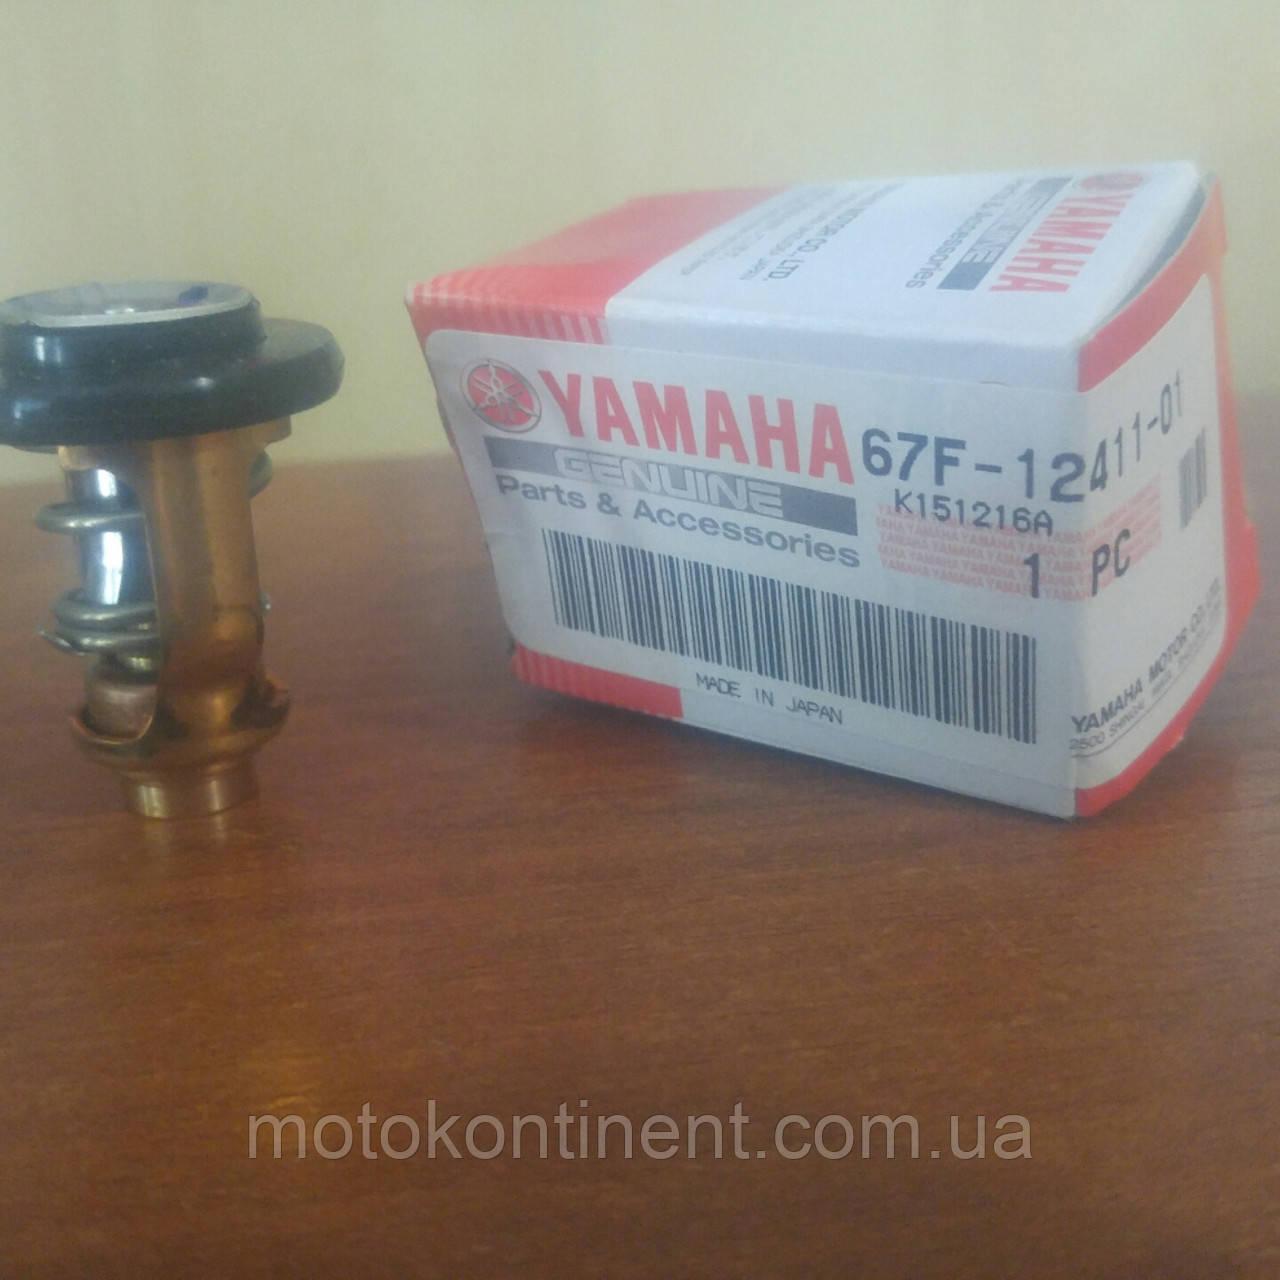 67f-12411-01 Термостат yamaha f75-f250 : продажа, цена в Херсоне